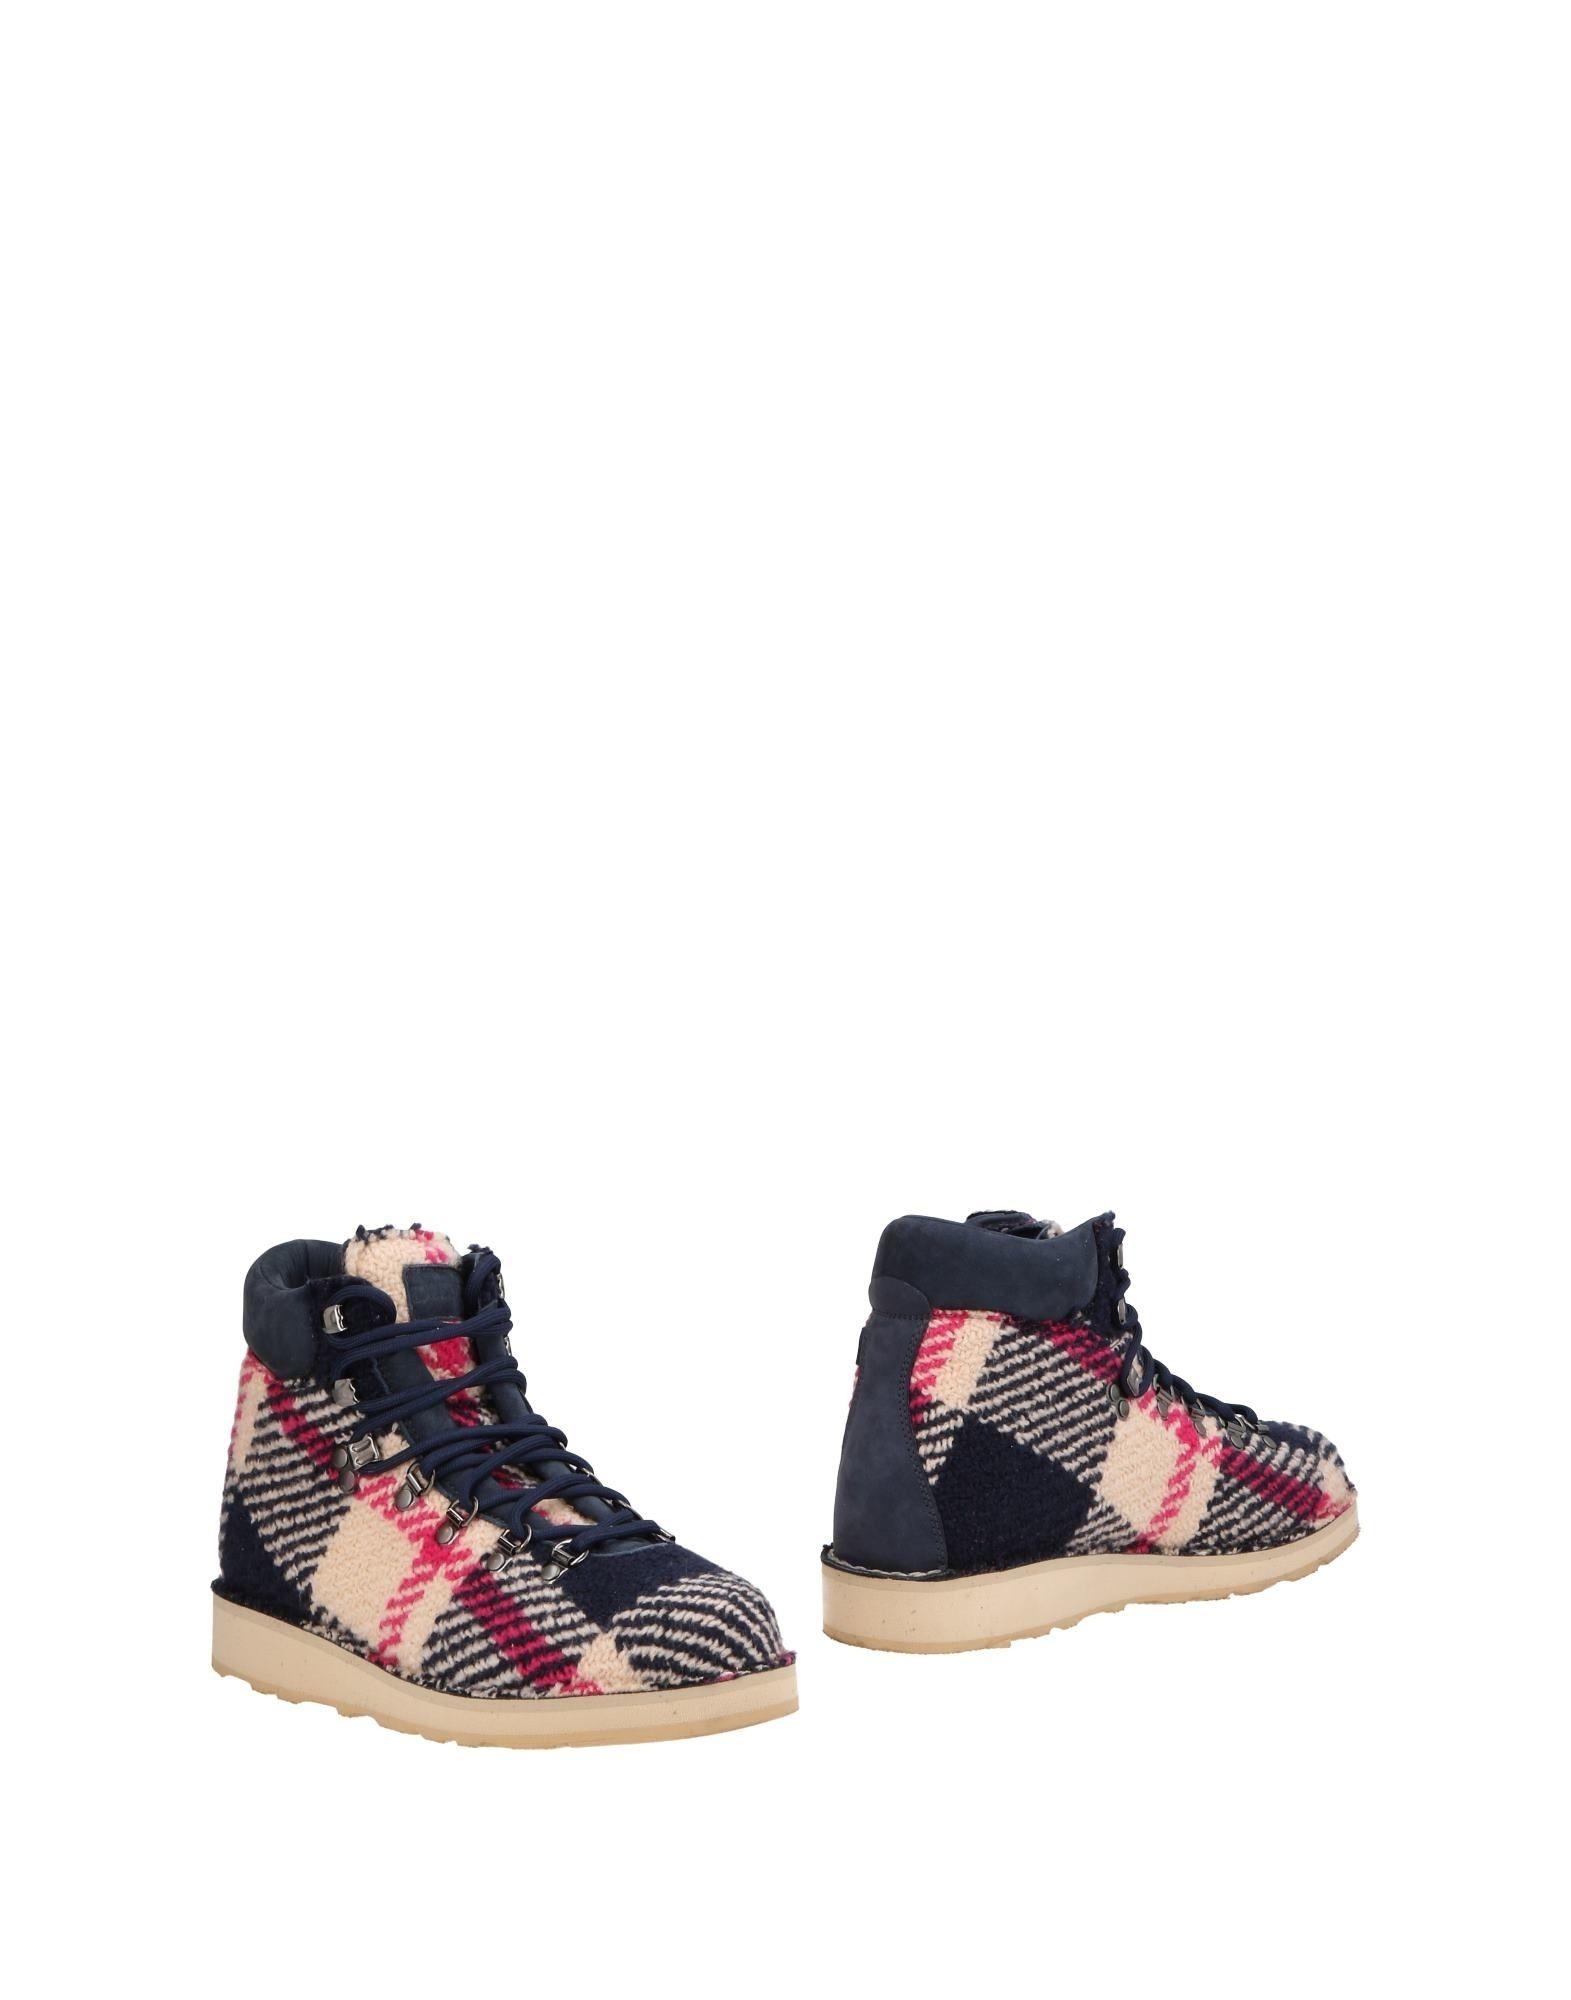 Haltbare 11500900FR Mode billige Schuhe Diemme Stiefelette Damen  11500900FR Haltbare Heiße Schuhe 87dd37